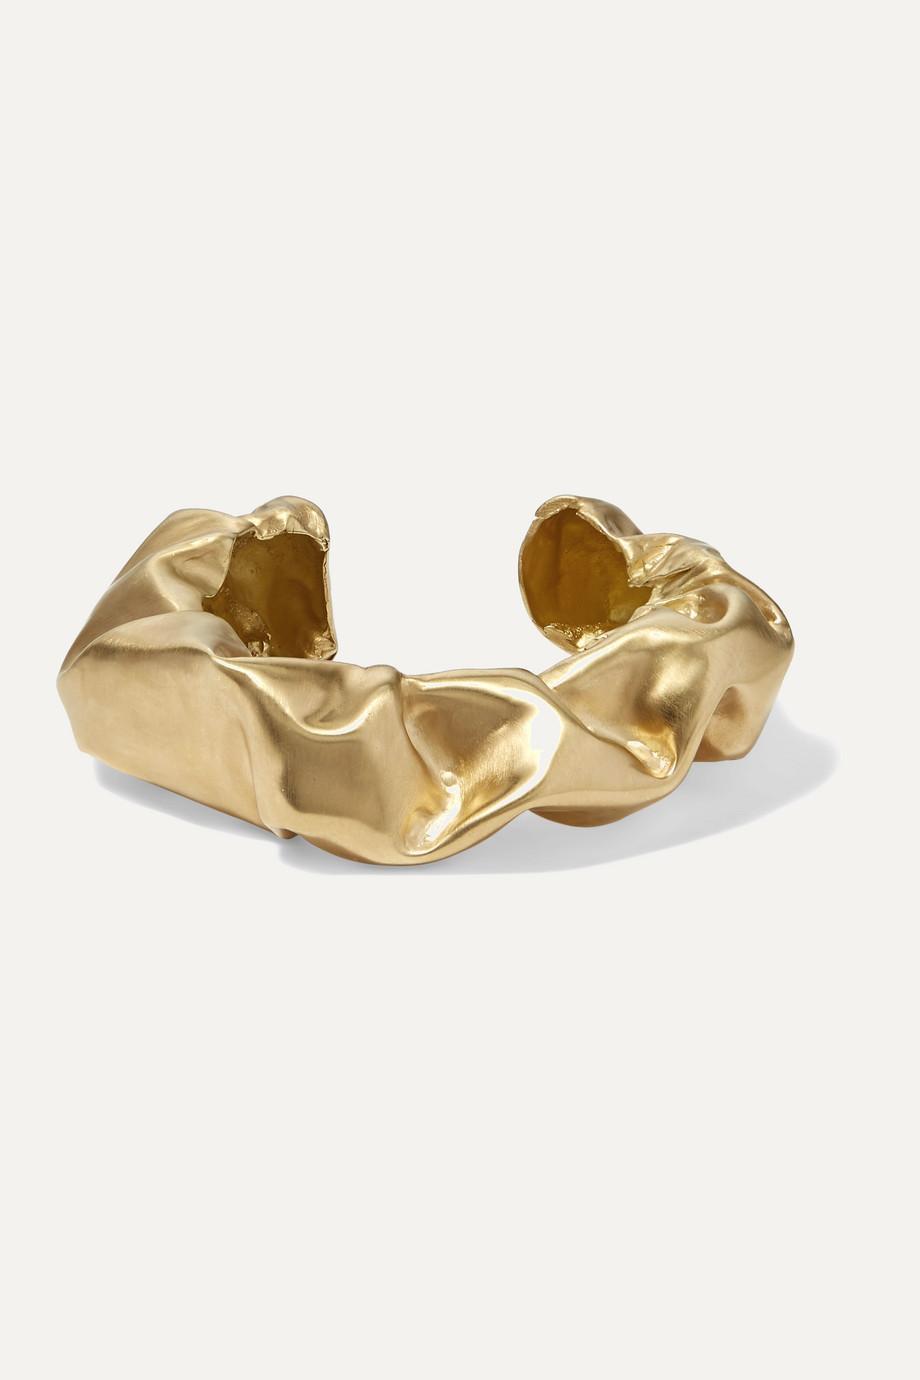 Completedworks Scrunch gold vermeil cuff